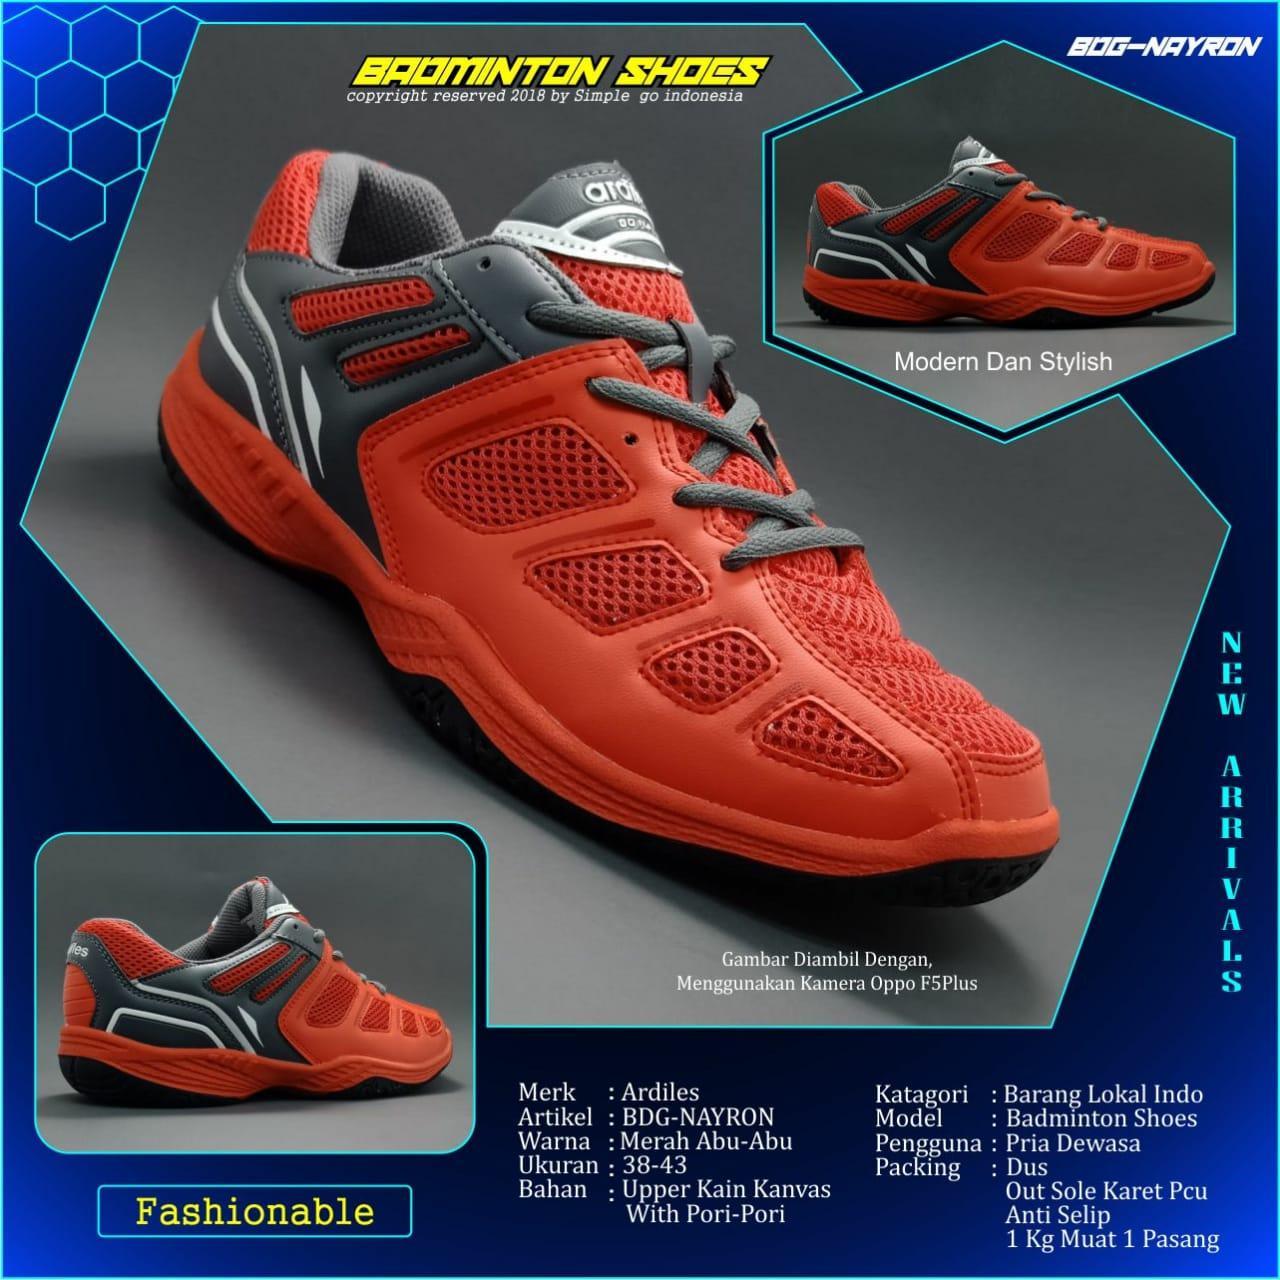 Jual Sepatu Sandal Ardiles Terbaik Kets Spon Fashion Ket Cat Cats Wanita Sneaker Sneakers Badminton Original Nayron 38 43